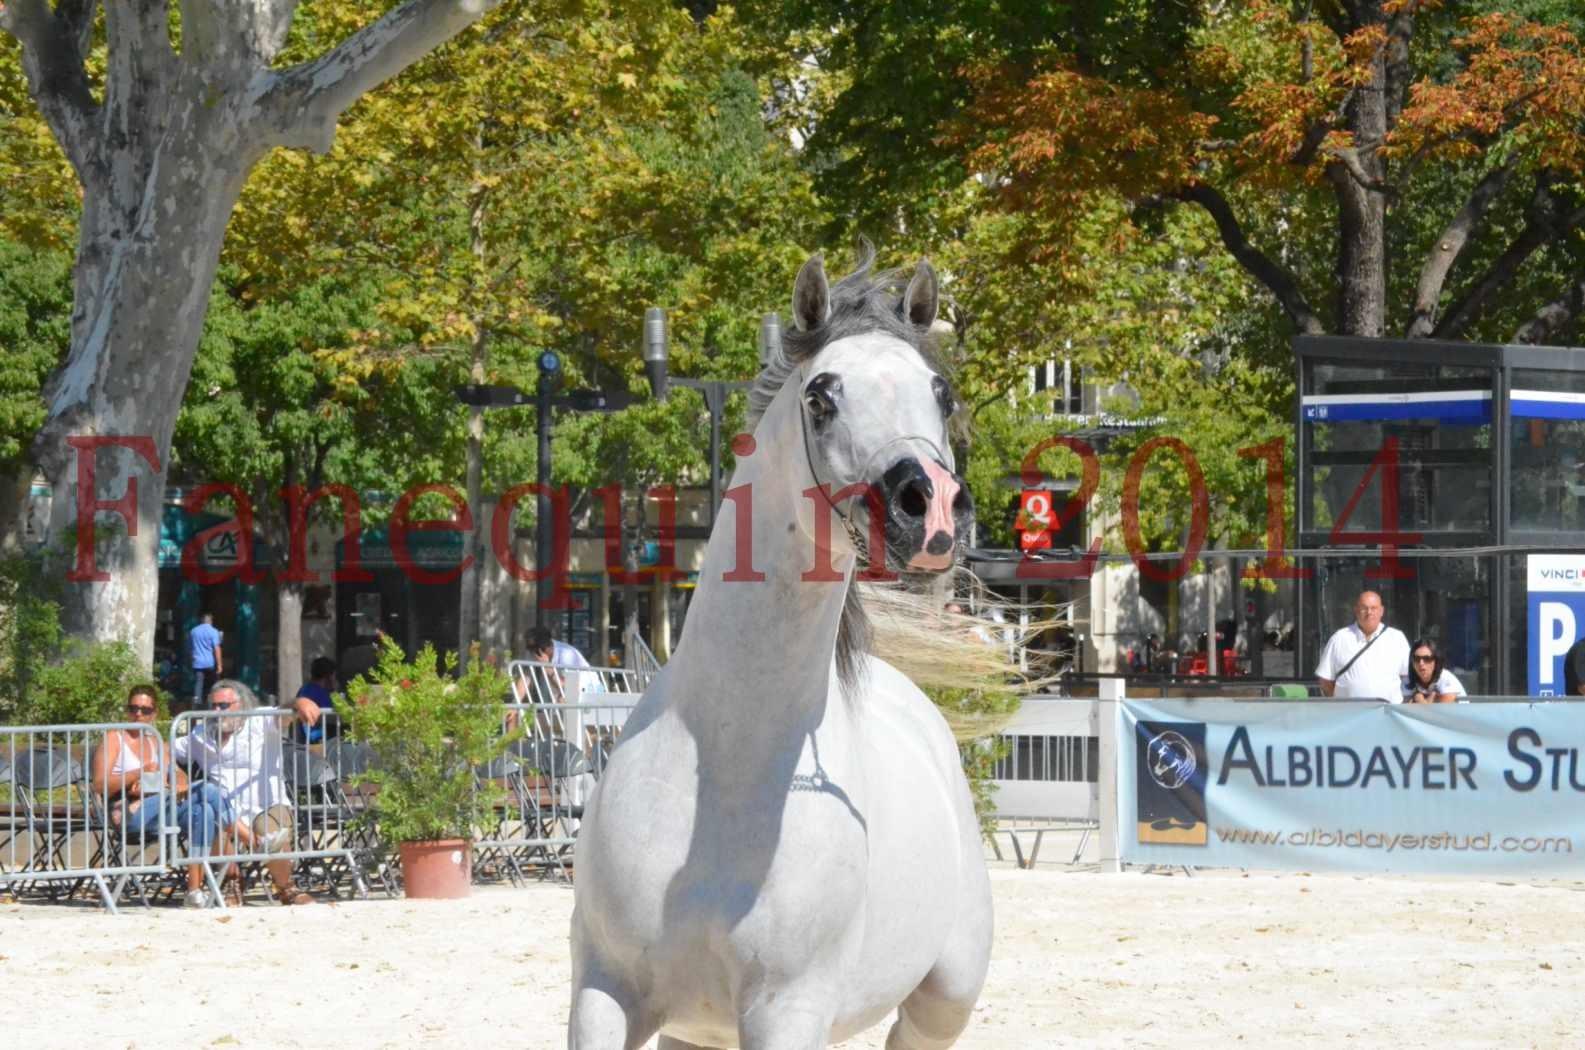 Concours National de Nîmes de chevaux ARABES 2014 - Sélection - SHAOLIN DE NEDJAIA - 51